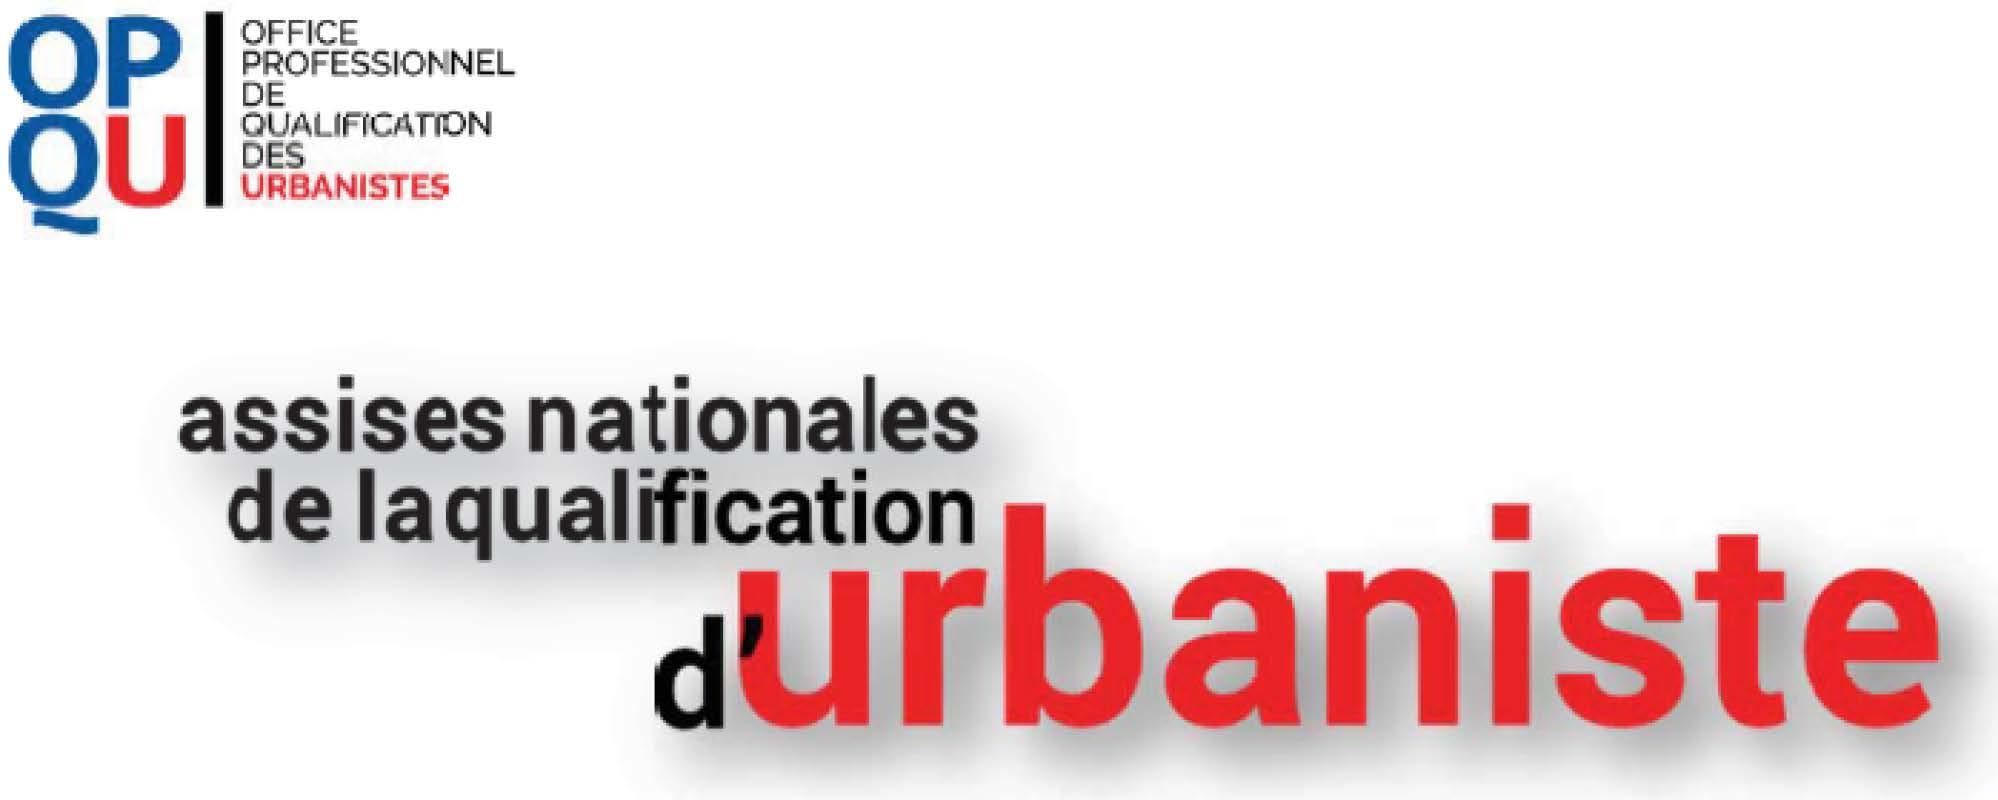 assises de la qualification d'urbanistes